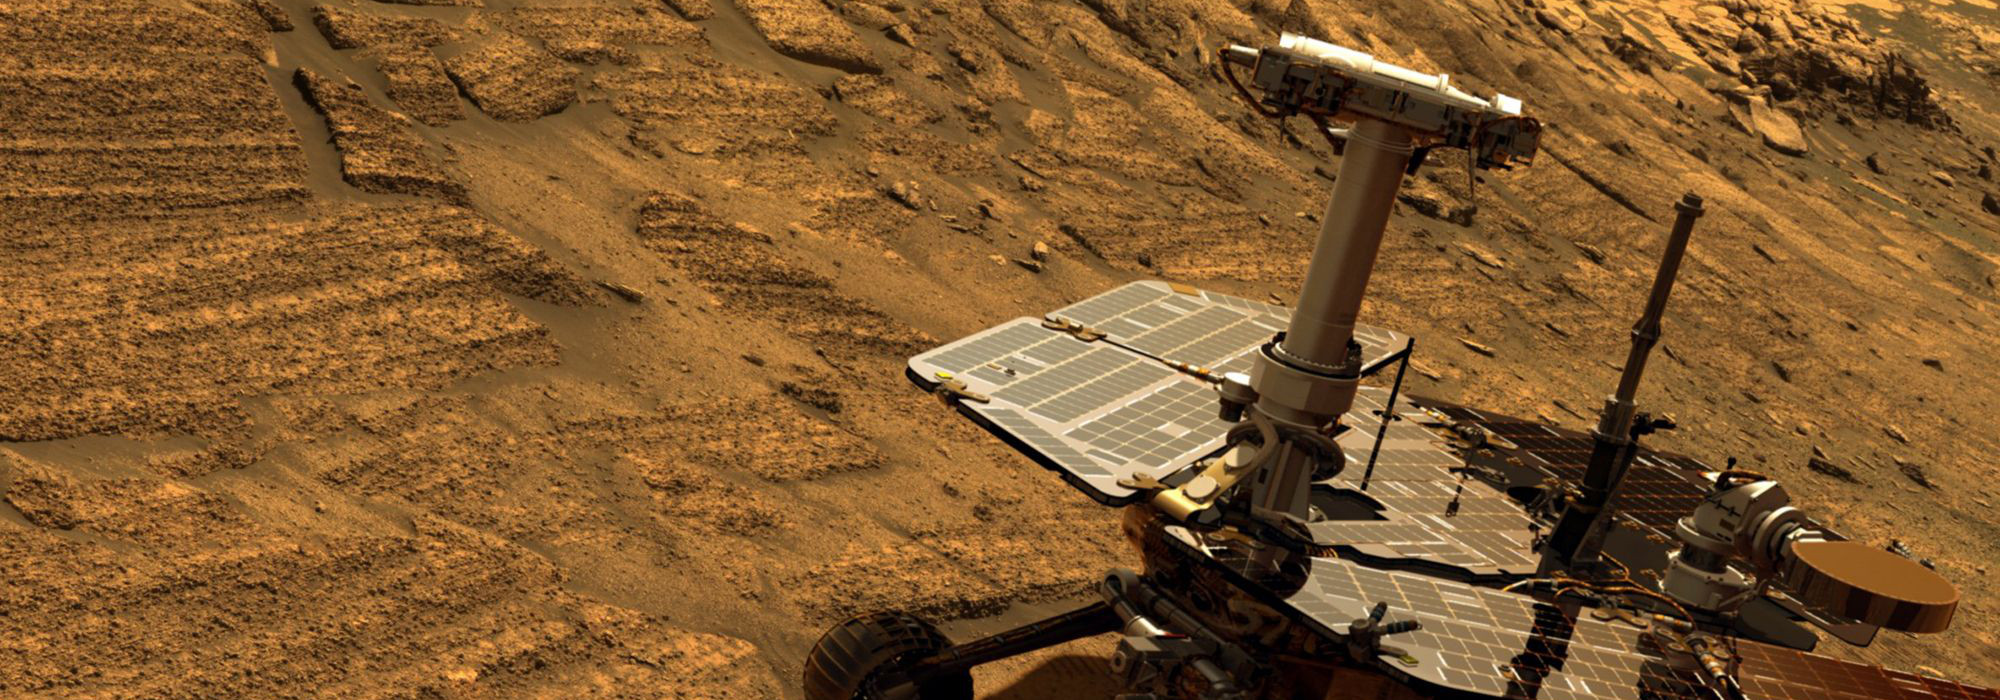 Spirit ve Opportunity: Mars'ın ikiz robotlarına veda